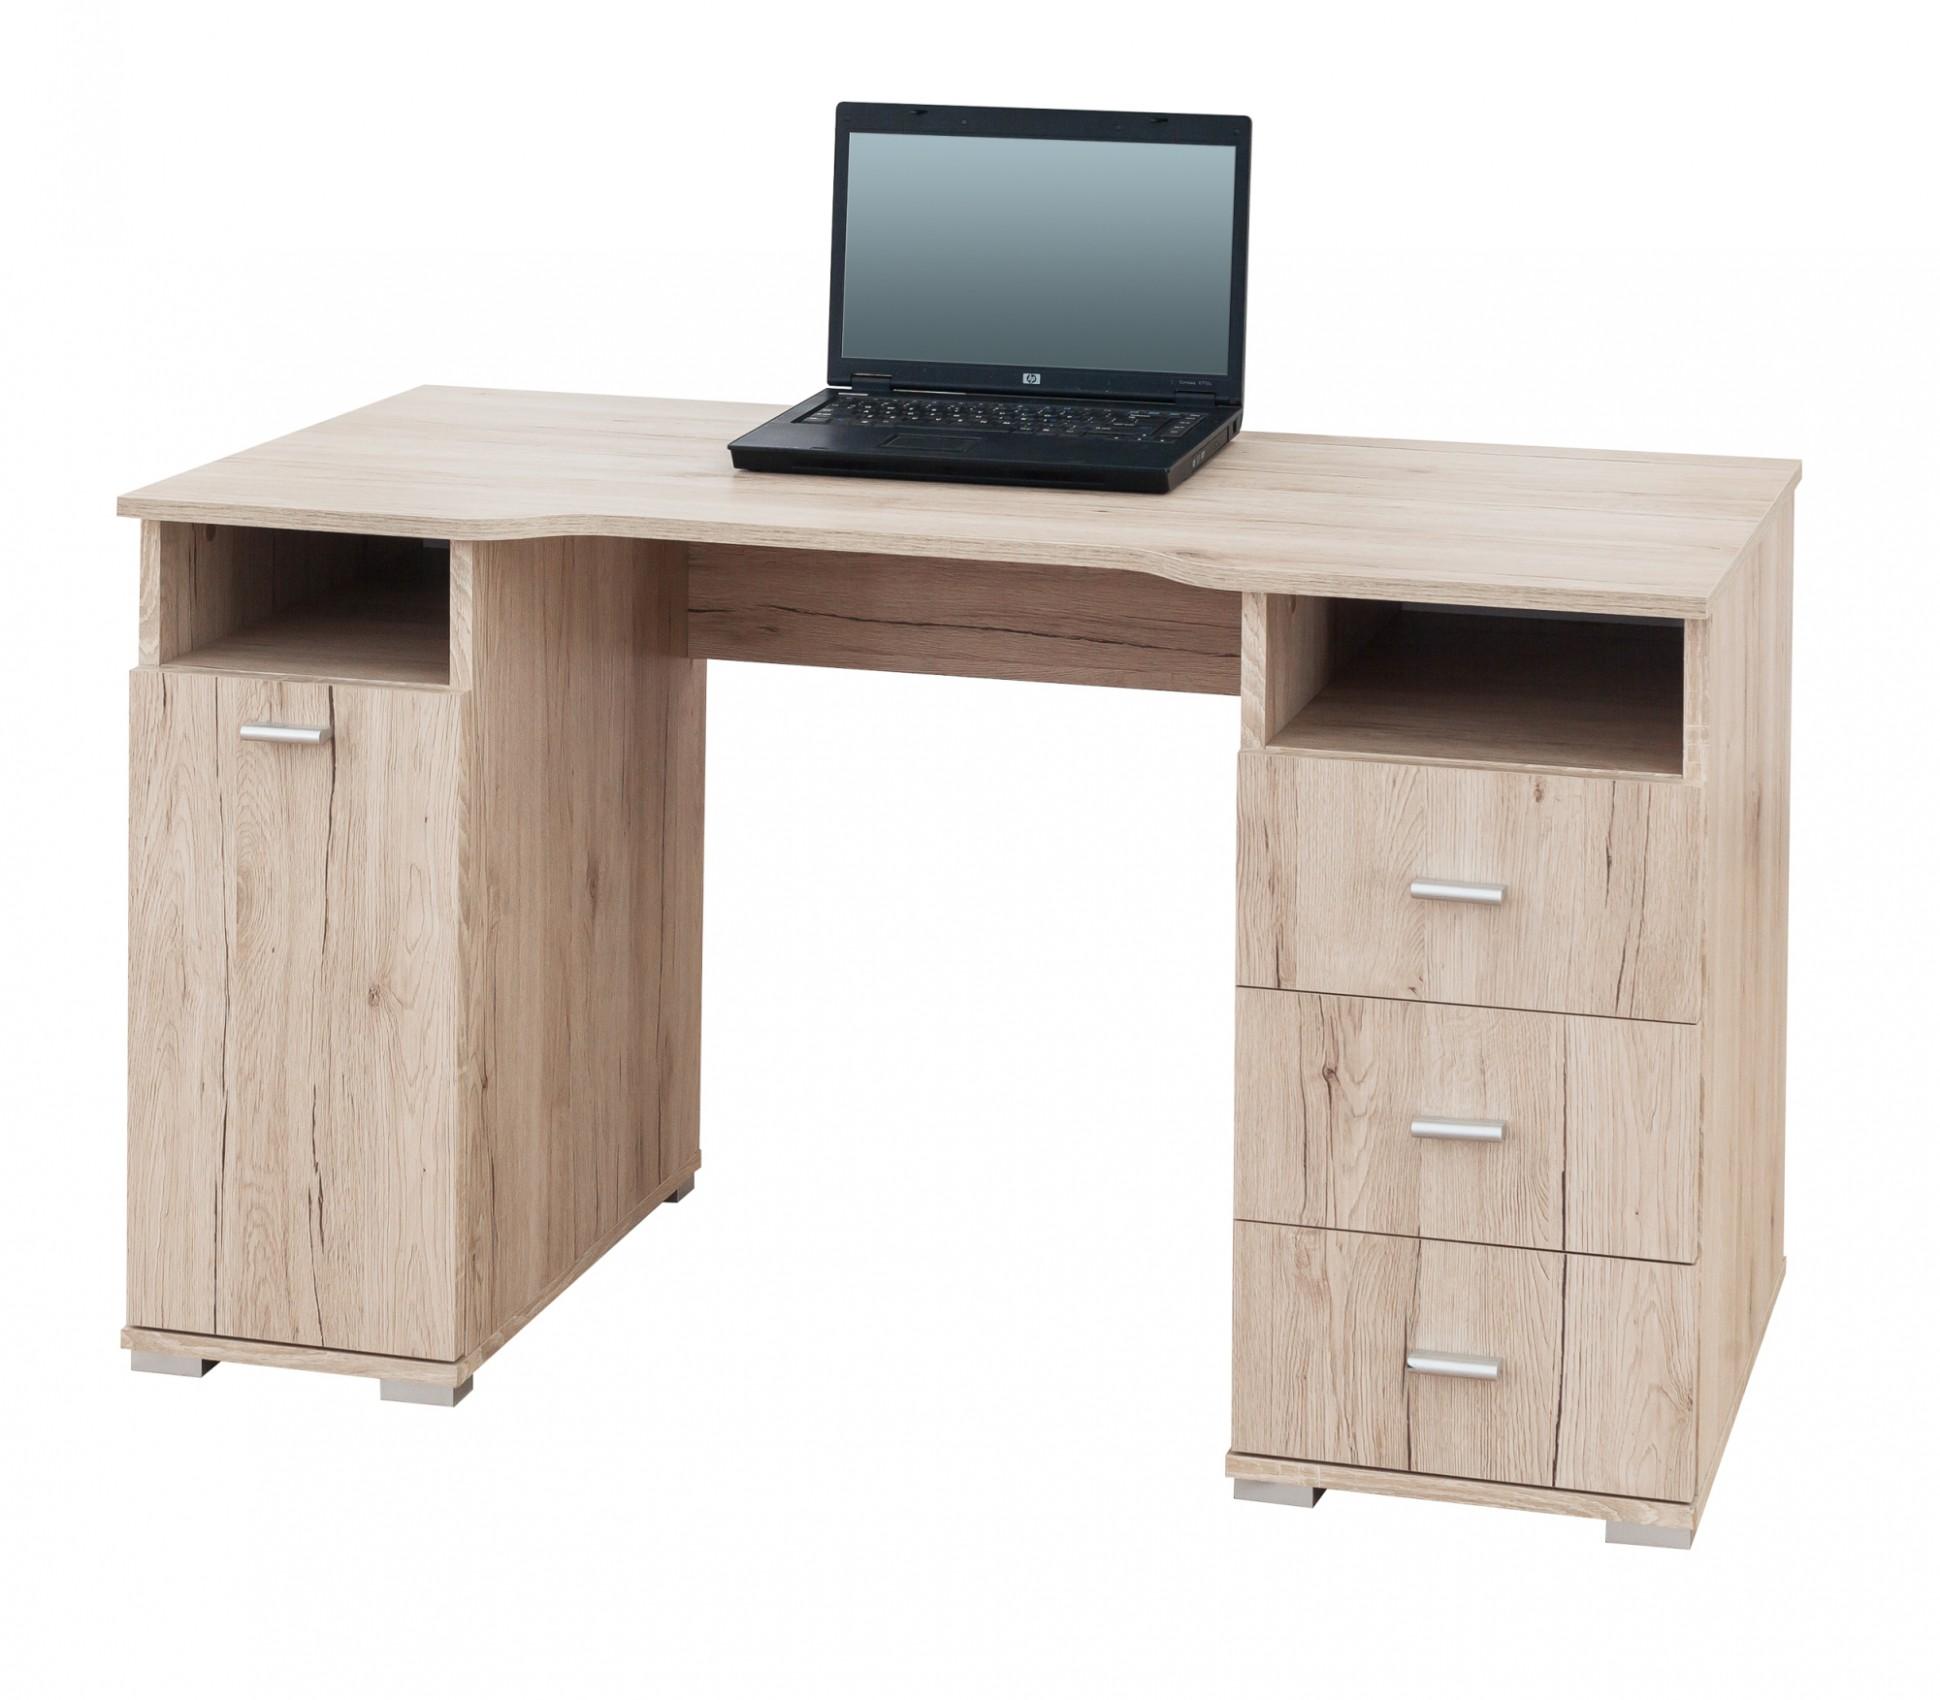 PC stůl SZAFIR - Nejlevnější nábytek se slevou až 34%